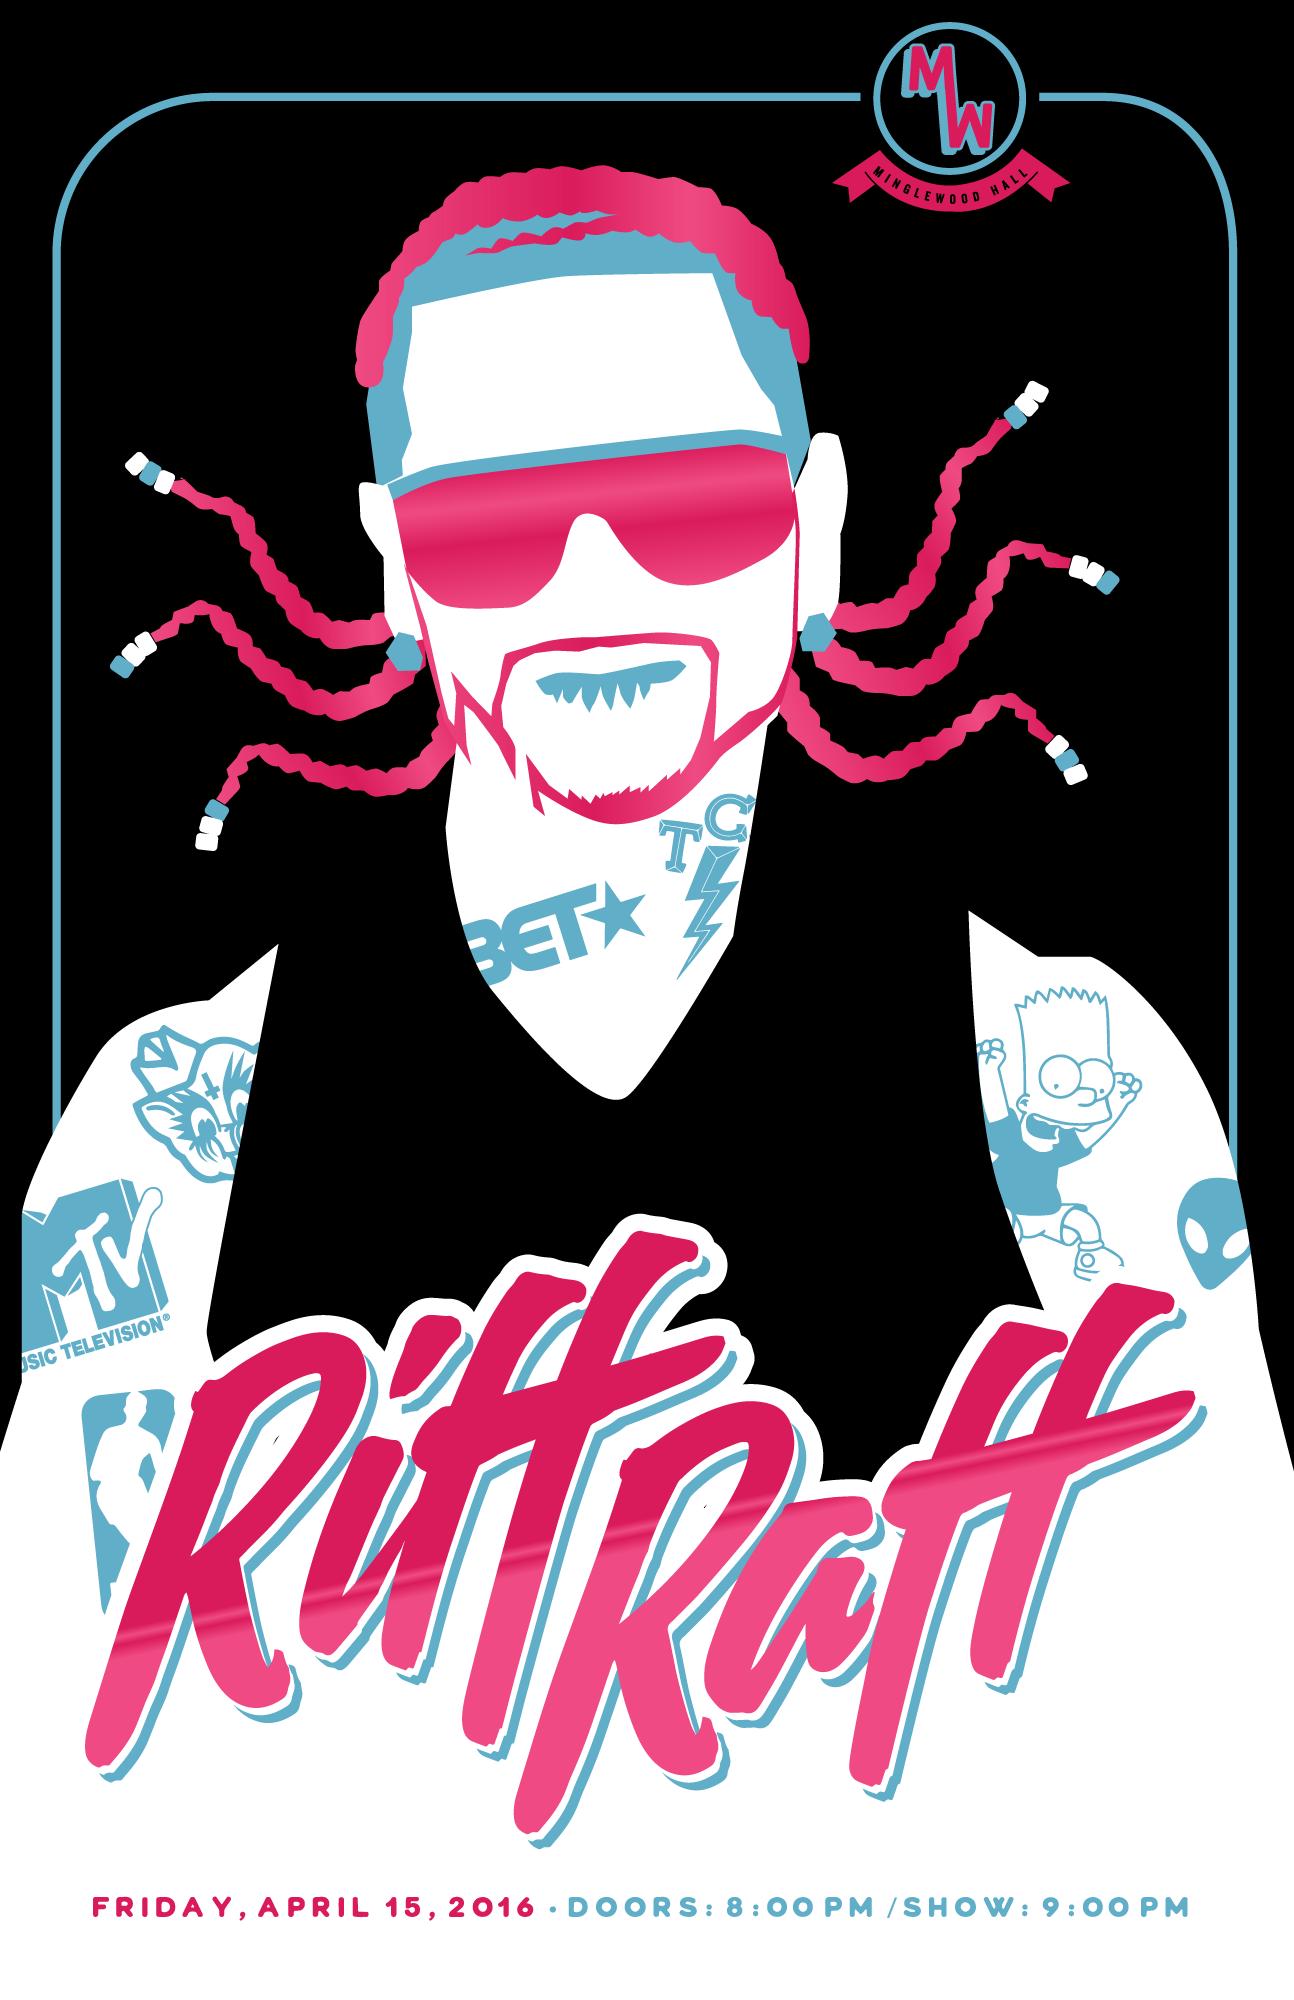 riff-raff.png